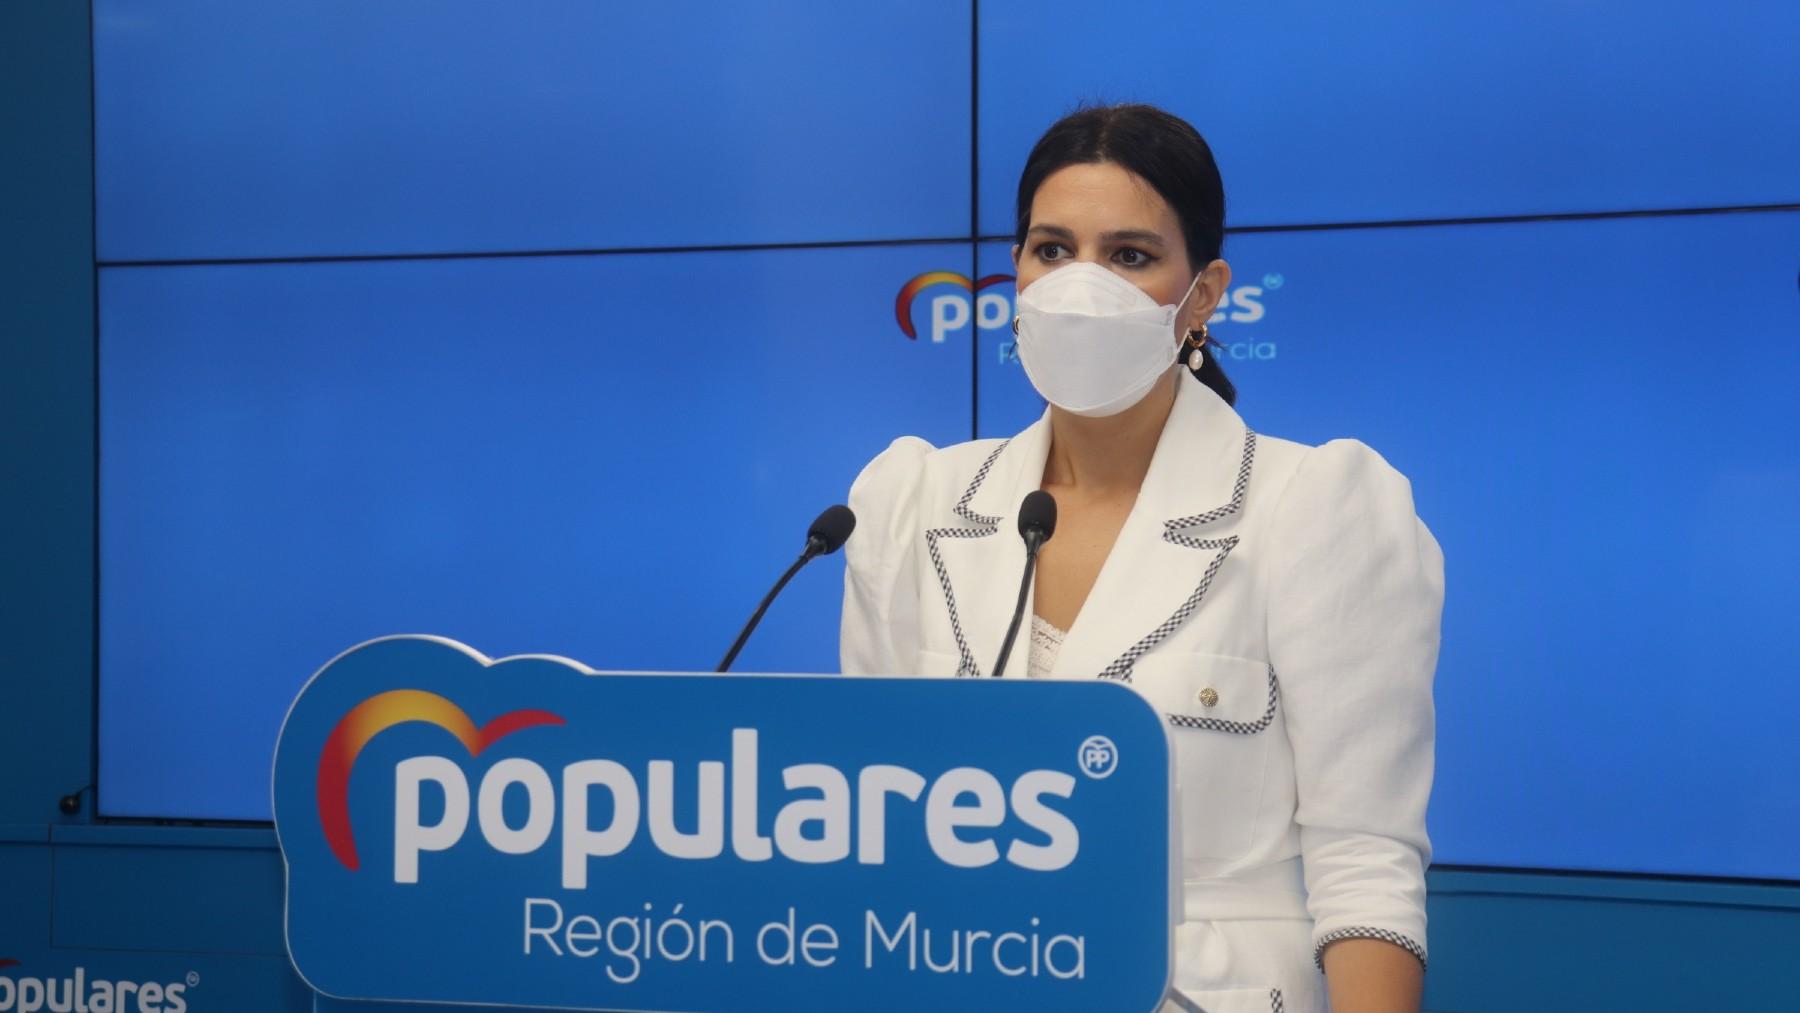 La portavoz del PP en la Región de Murcia, Miriam Guardiola.